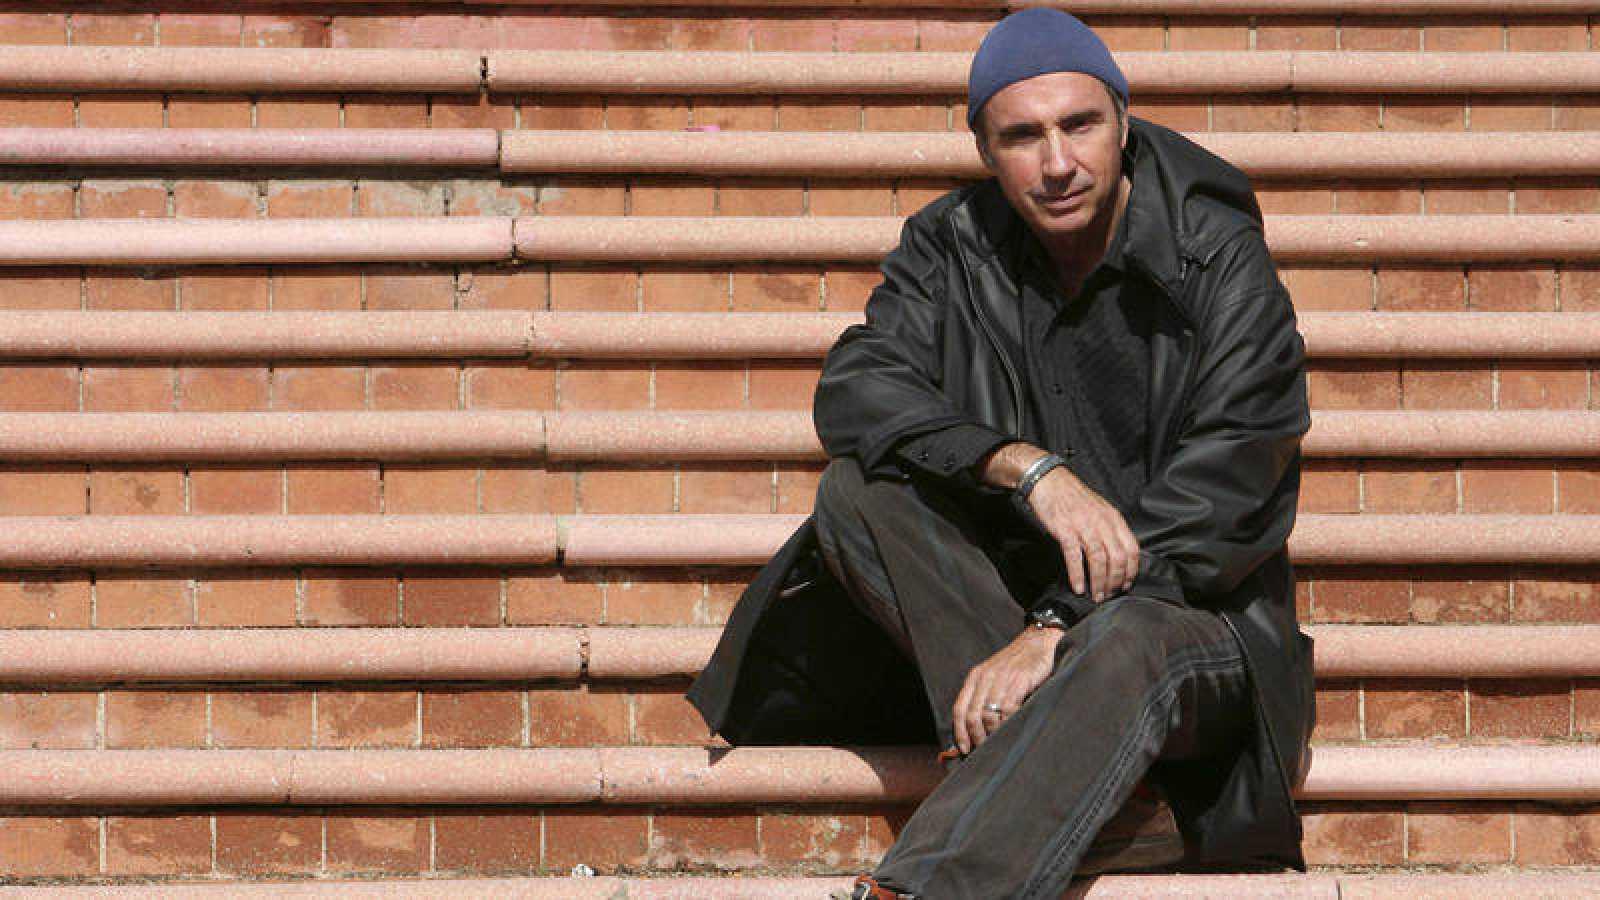 """El músico catalán Lluis Llach, en una imagen de archivo del año 2006, posa antes de presentar los cuatro conciertos que protagonizó en Madrid dentro de su gira """"40 años emocionándonos""""."""